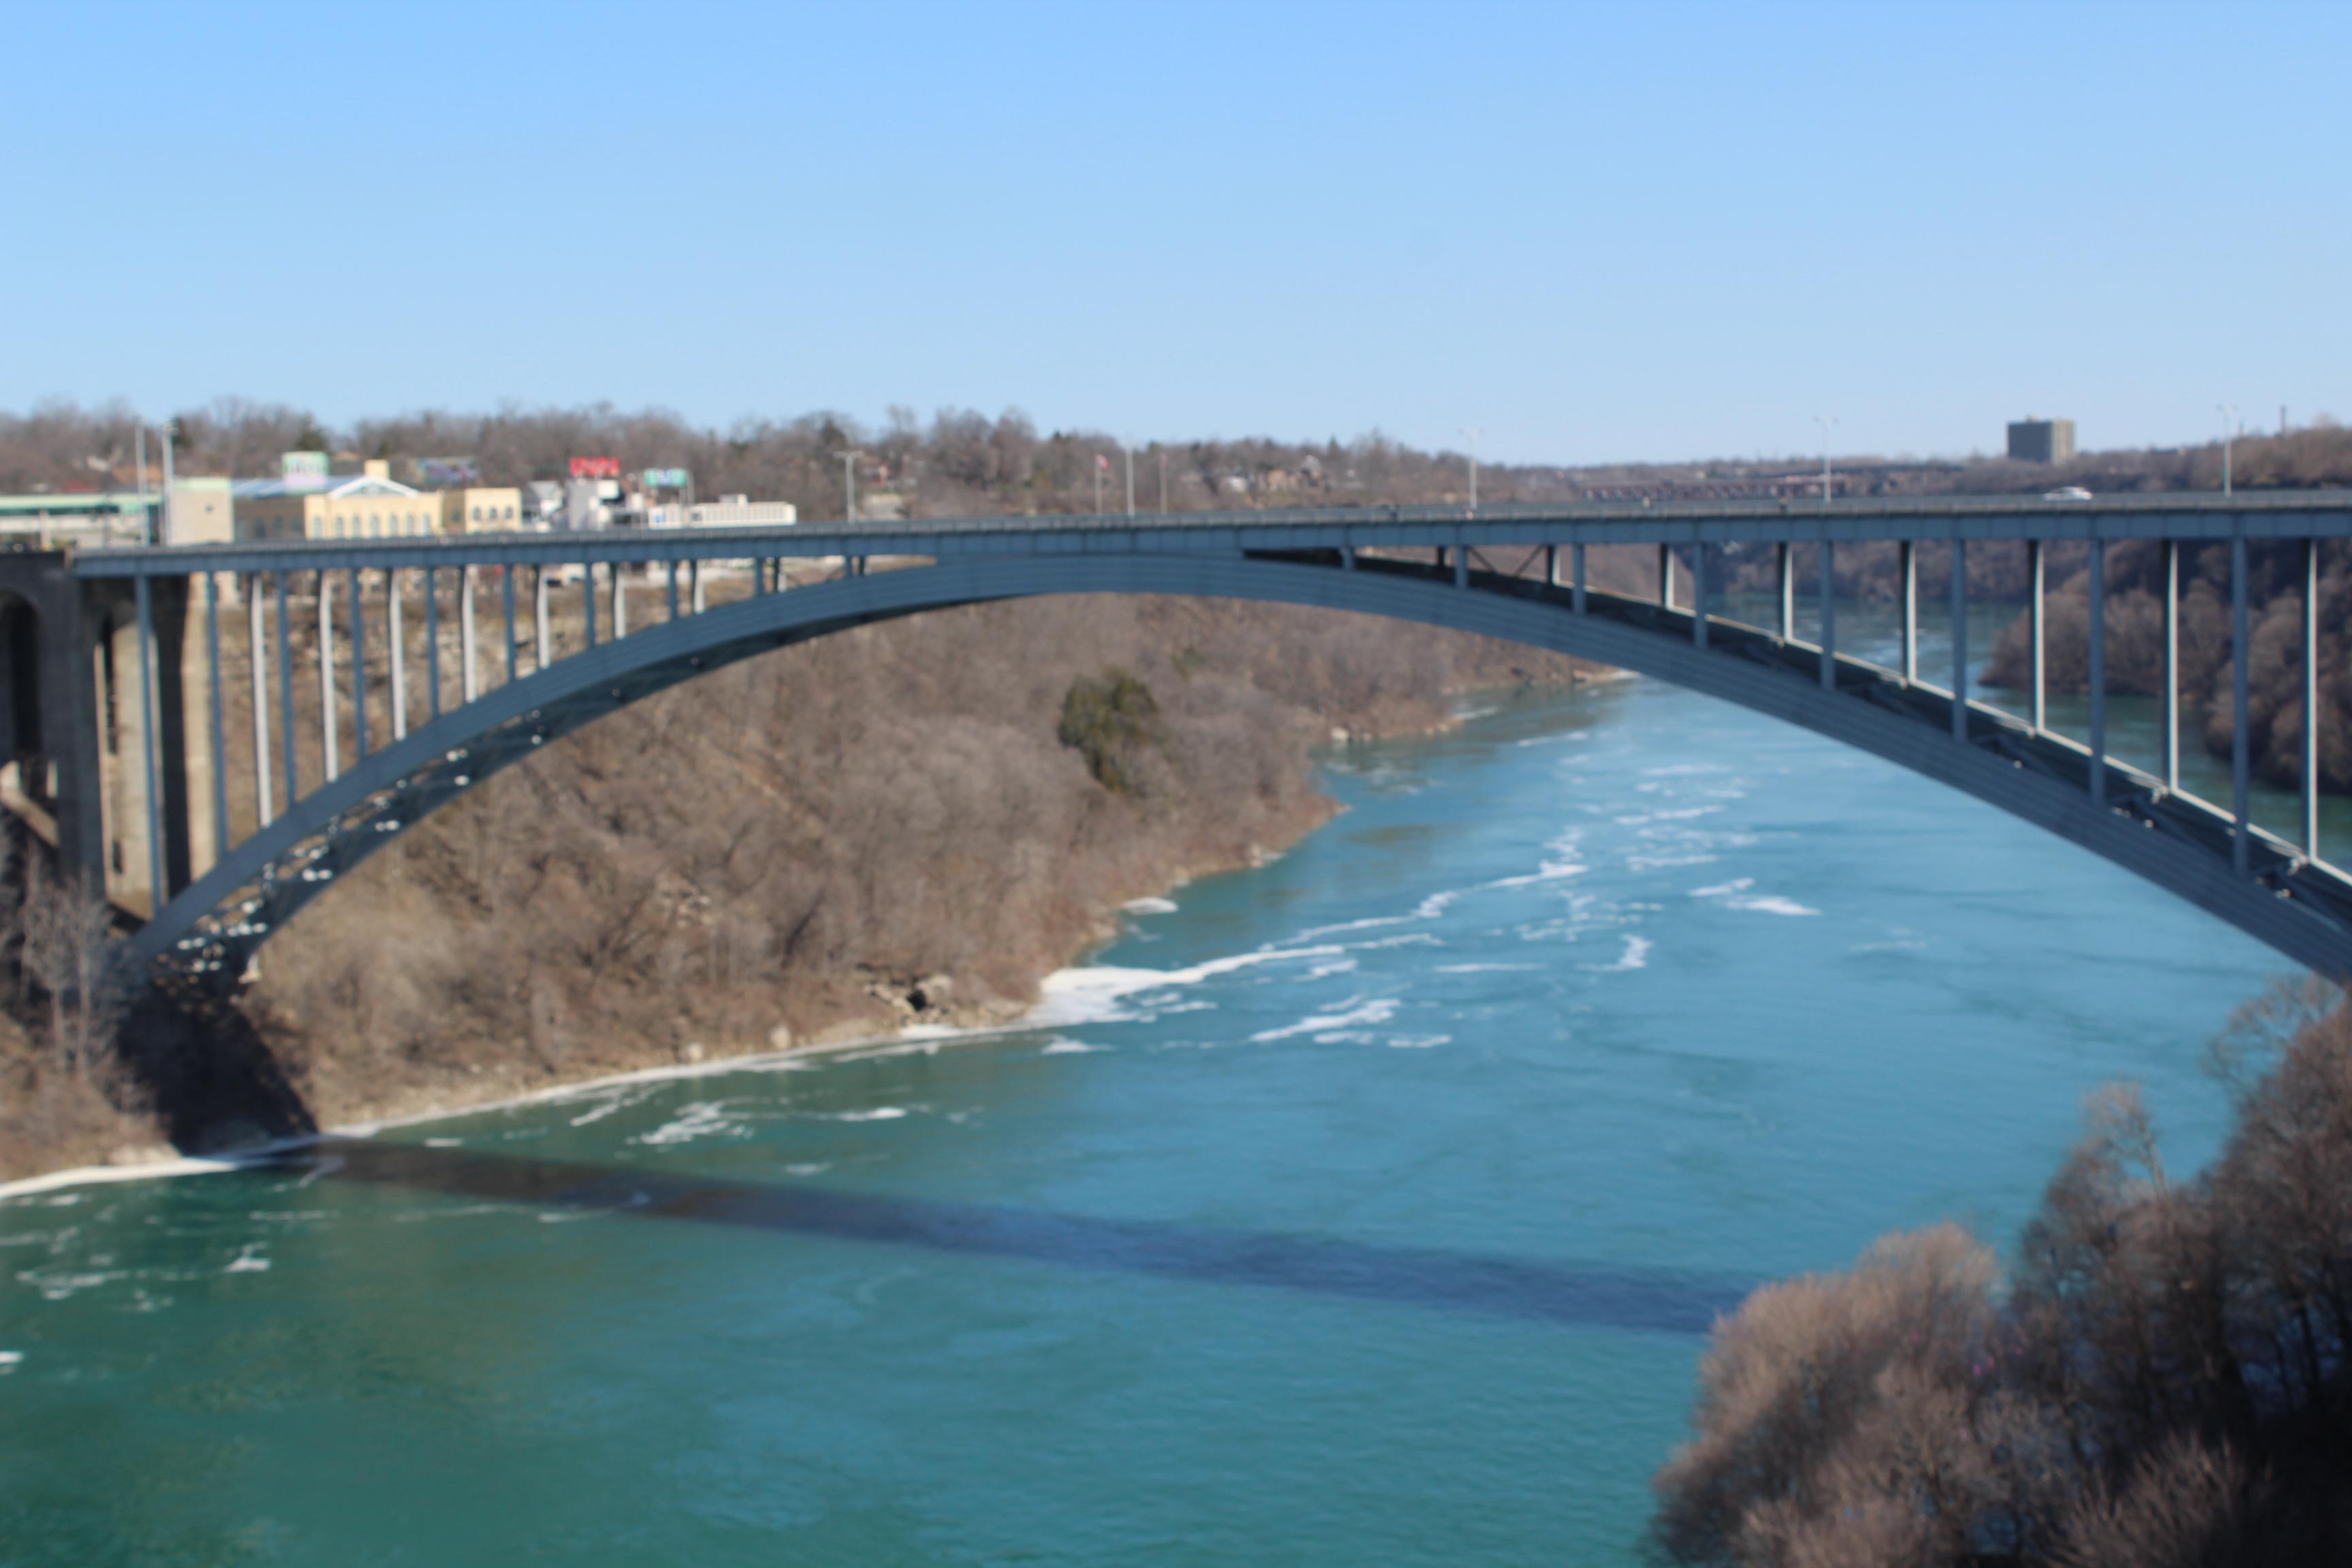 Rainbow Bridge at the Niagara Falls